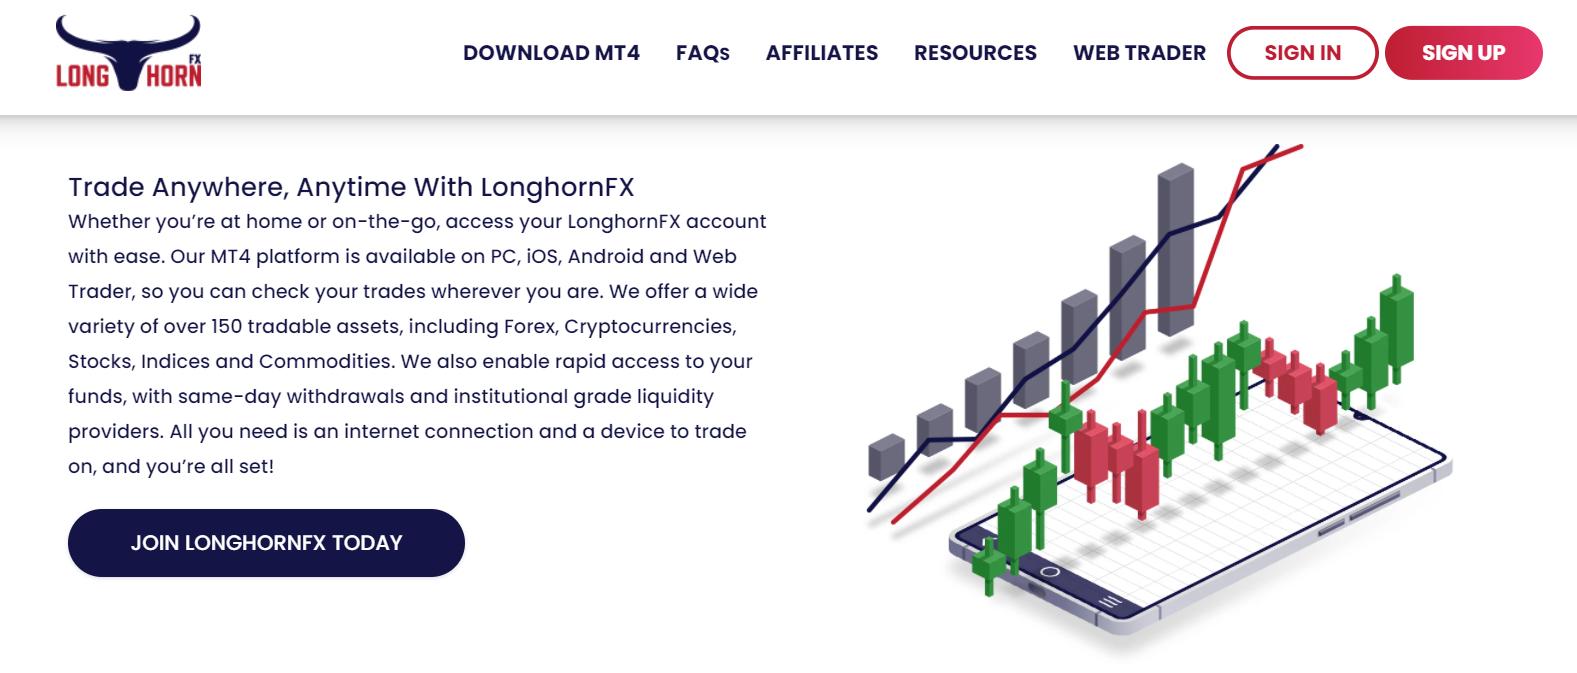 longhornfx торговая платформа